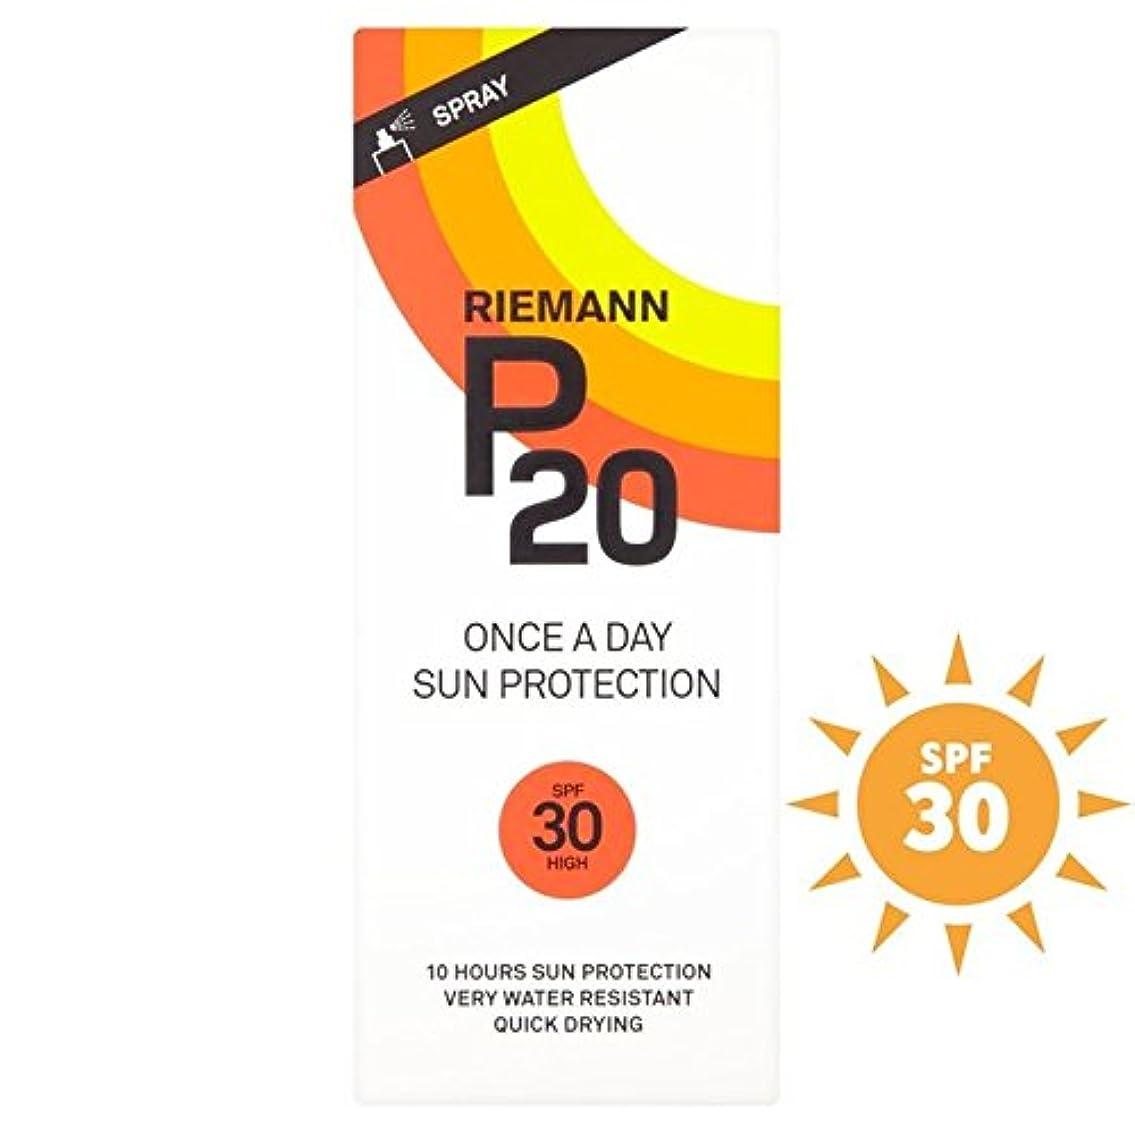 メナジェリー影響欲しいですRiemann P20 SPF30 1 Day/10 Hour Protection 200ml (Pack of 6) - リーマン20 30 1日/ 10時間の保護200ミリリットル x6 [並行輸入品]